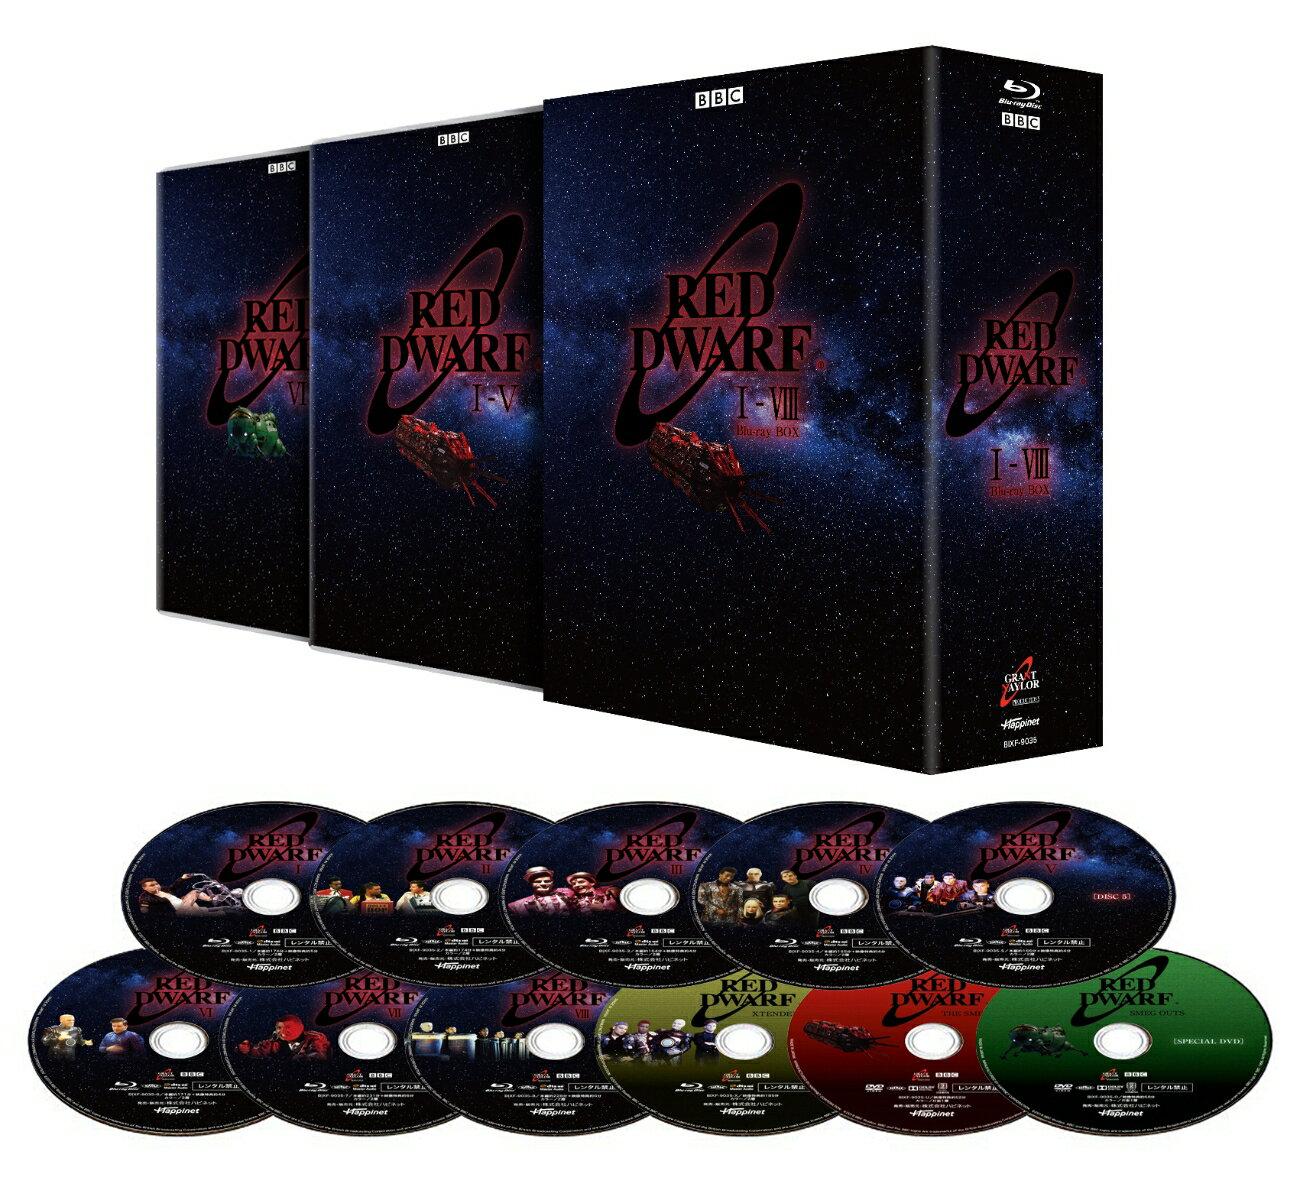 宇宙船レッド・ドワーフ号 シリーズ1〜8 完全版 Blu-ray BOX【Blu-ray】画像